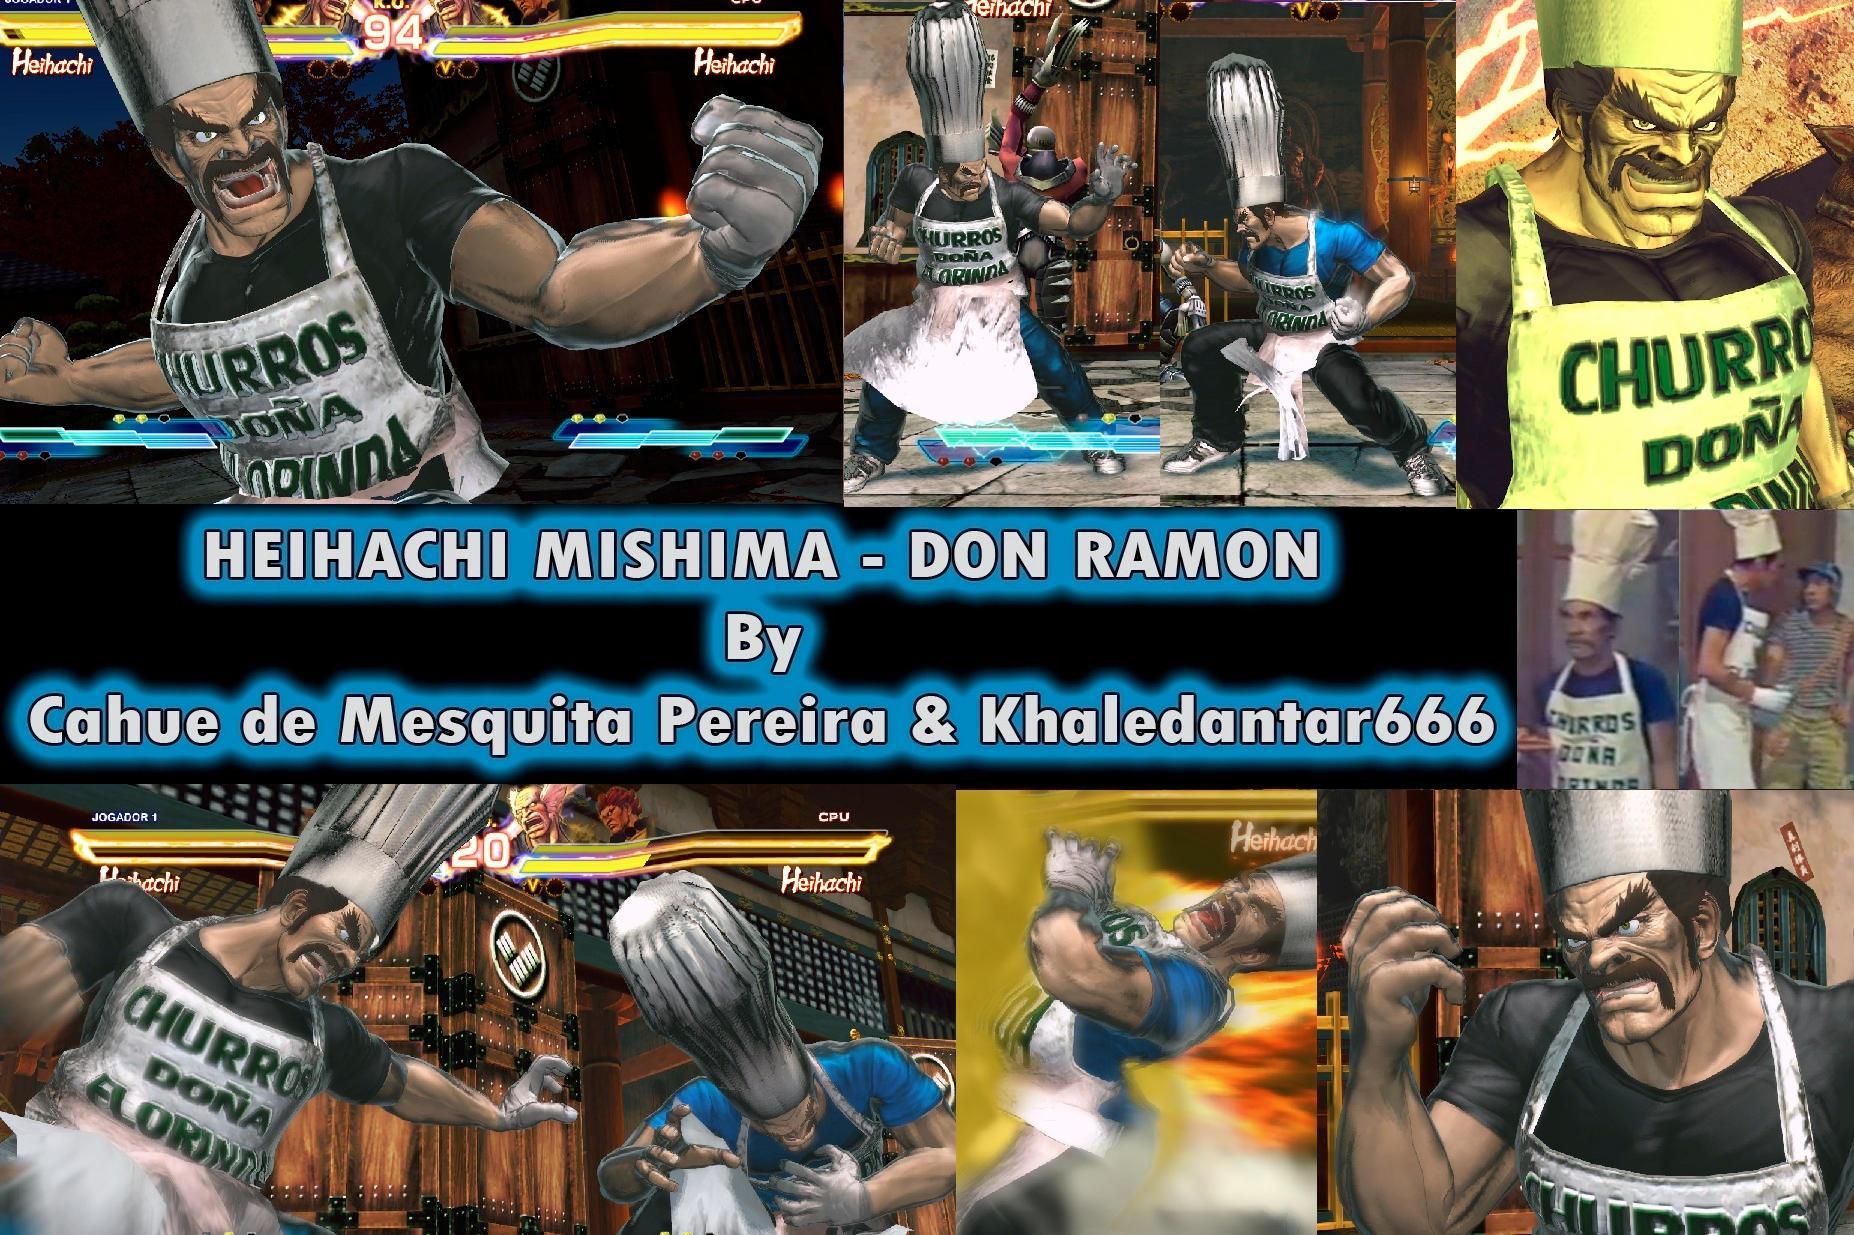 Heihachi Don Ramon Churros- Sr. Madruga by cahuesnk